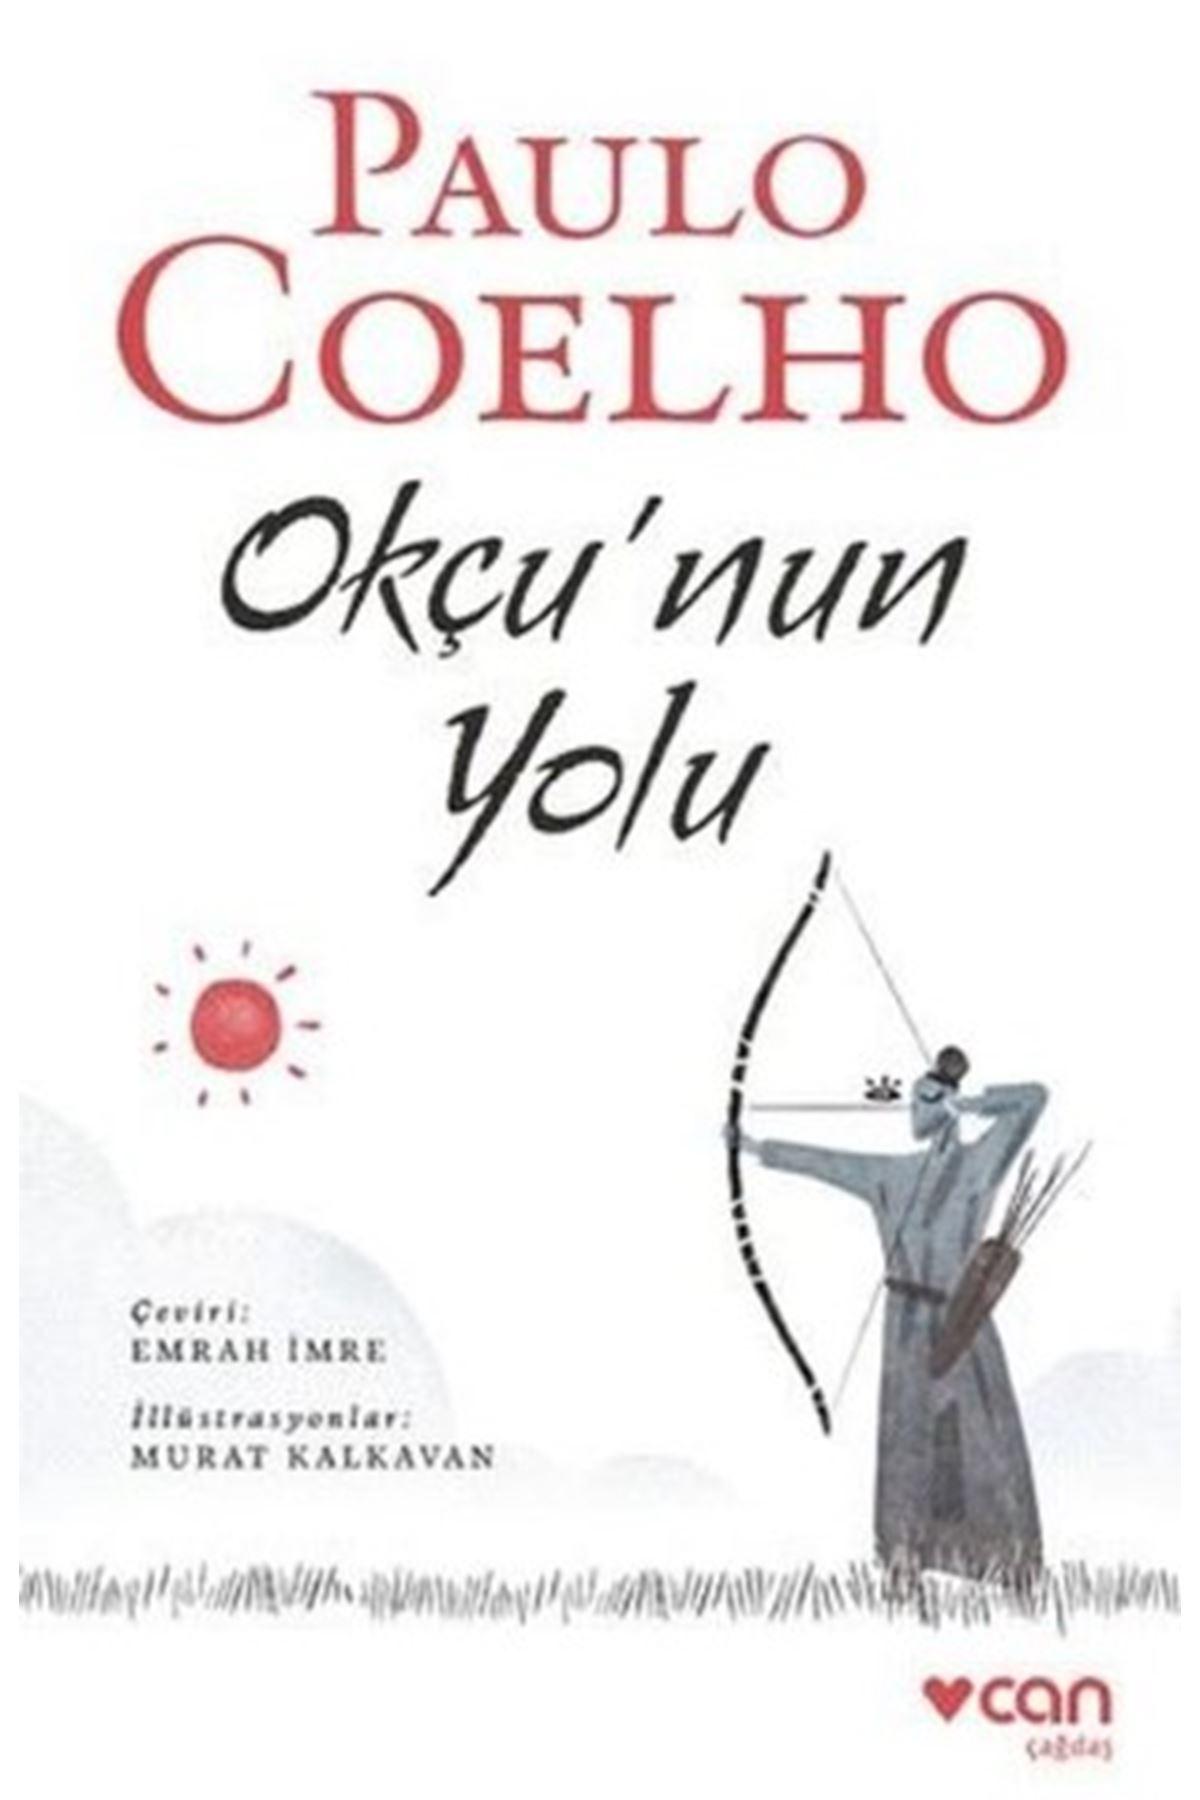 PAULO COELHO - OKÇU'NUN YOLU